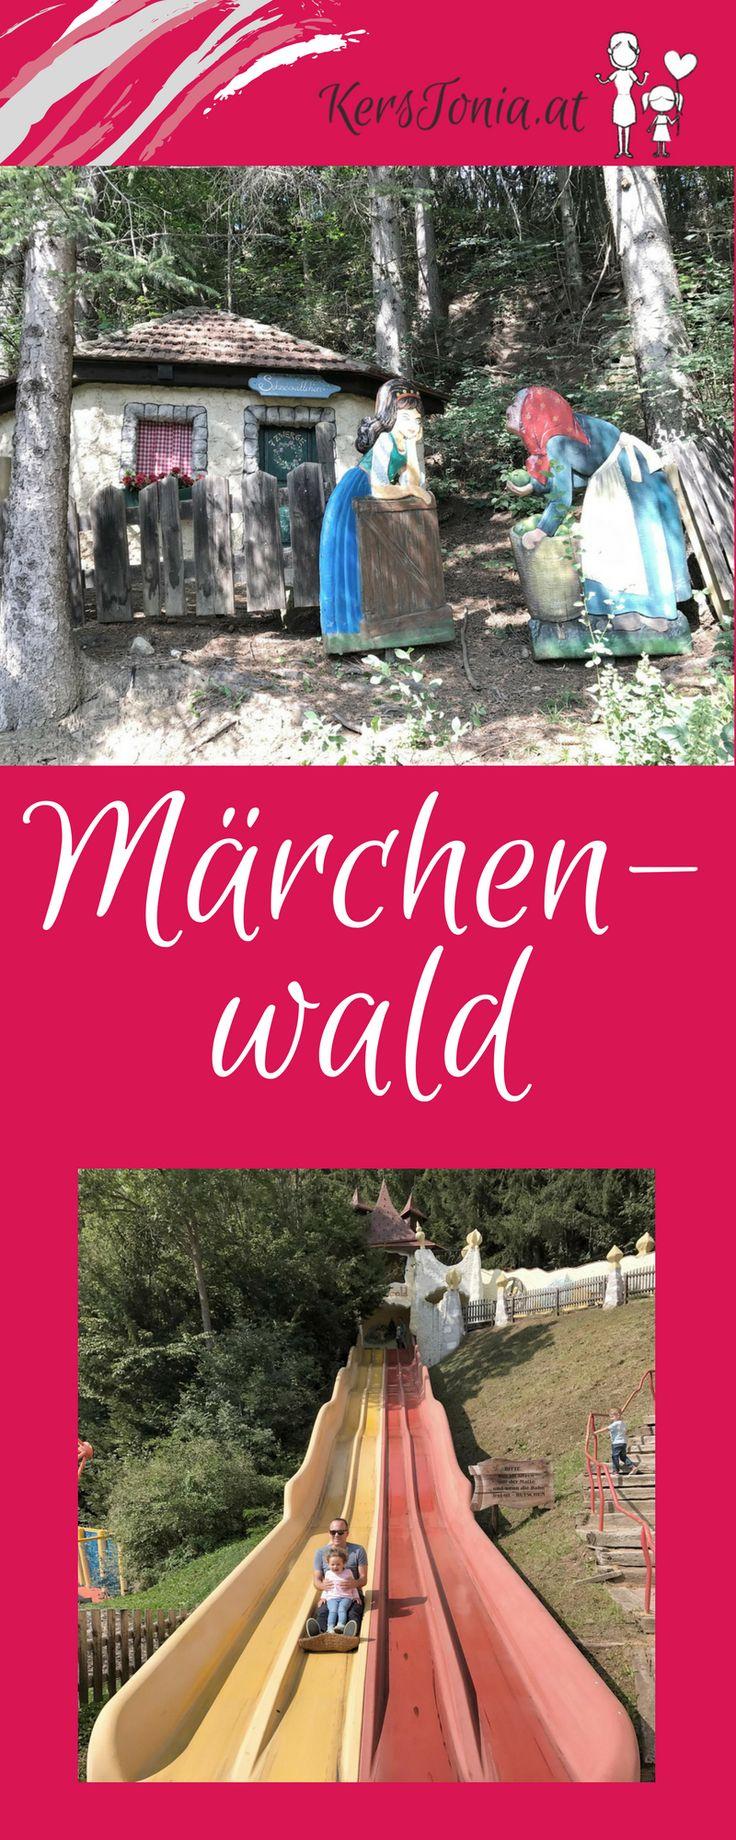 Abenteuerlicher und zauberhafter Familienurlaub im Märchenwald Steiermark. Ausflug mit Kindern. Spaß für Groß und Klein. Familienausflug mit Zauberpotenzial. Hier gibt es viele Märchenstationen in einem Wald, einen Funpark für Groß und Klein, eine riesen Rutsche, eine Western Stadt, ein Trampolin, eine Wasserbahn, ein Piratenschiff, einen Kletterturm, eine Go-Kart Bahn und noch vieles mehr... und das alles Outdoor! Märchenwald Judenburg / Steiermark / Österreich.